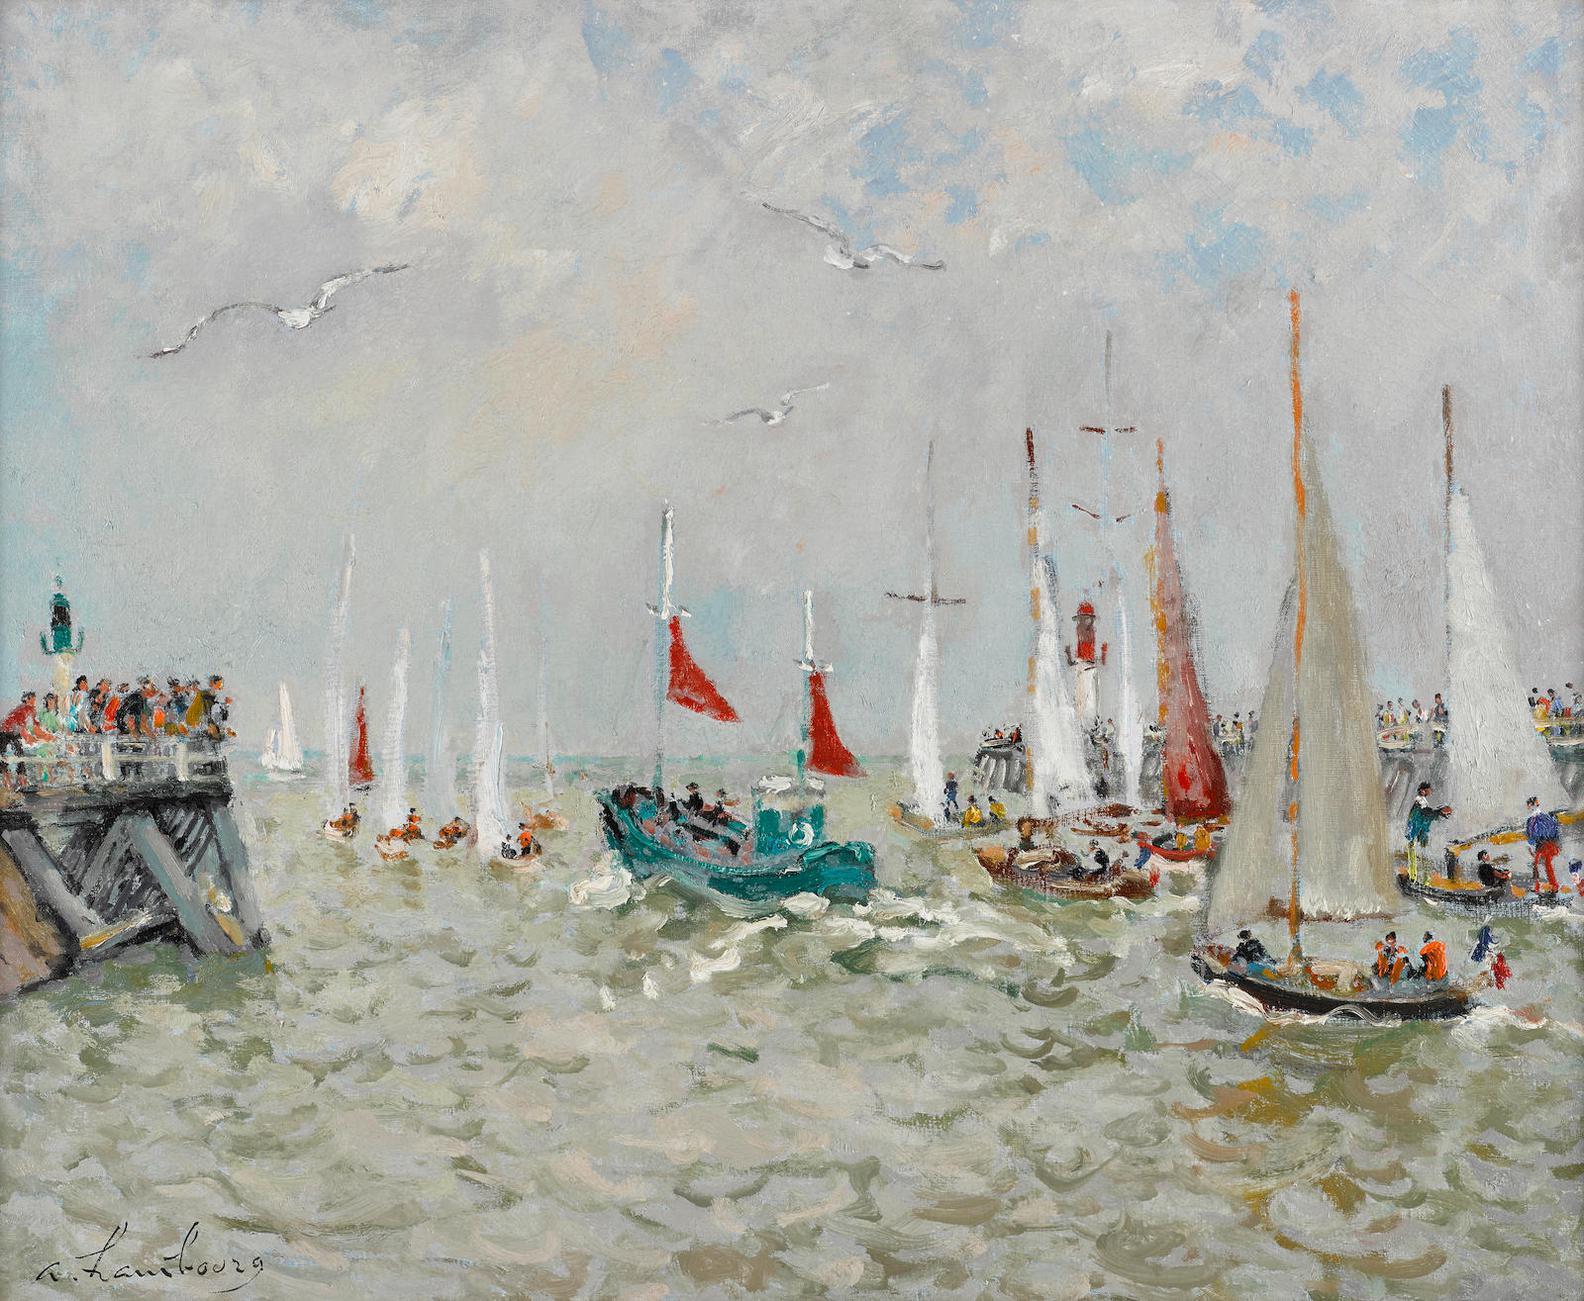 Andre Hambourg-Le Bateau De Peche Vert Aux Voiles Rouge-